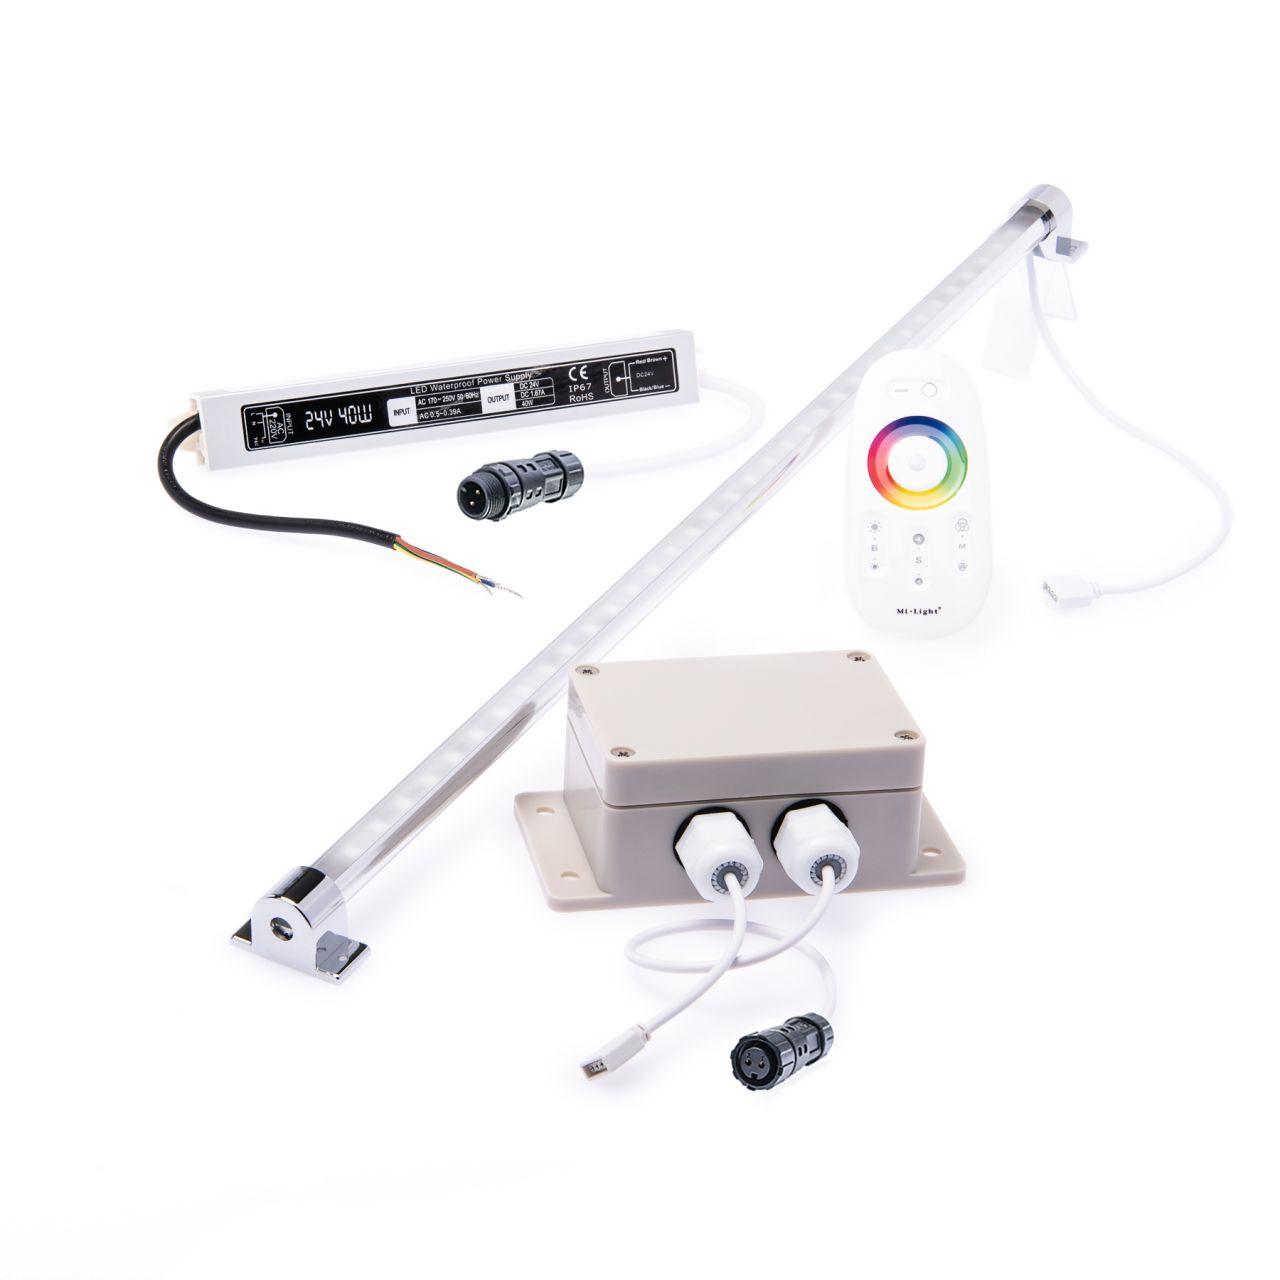 wasserfestes 24V LED Leisten Set mit Fernbedienung und Netzteil, 100cm Länge, Lichtfarbe RGB, IP65